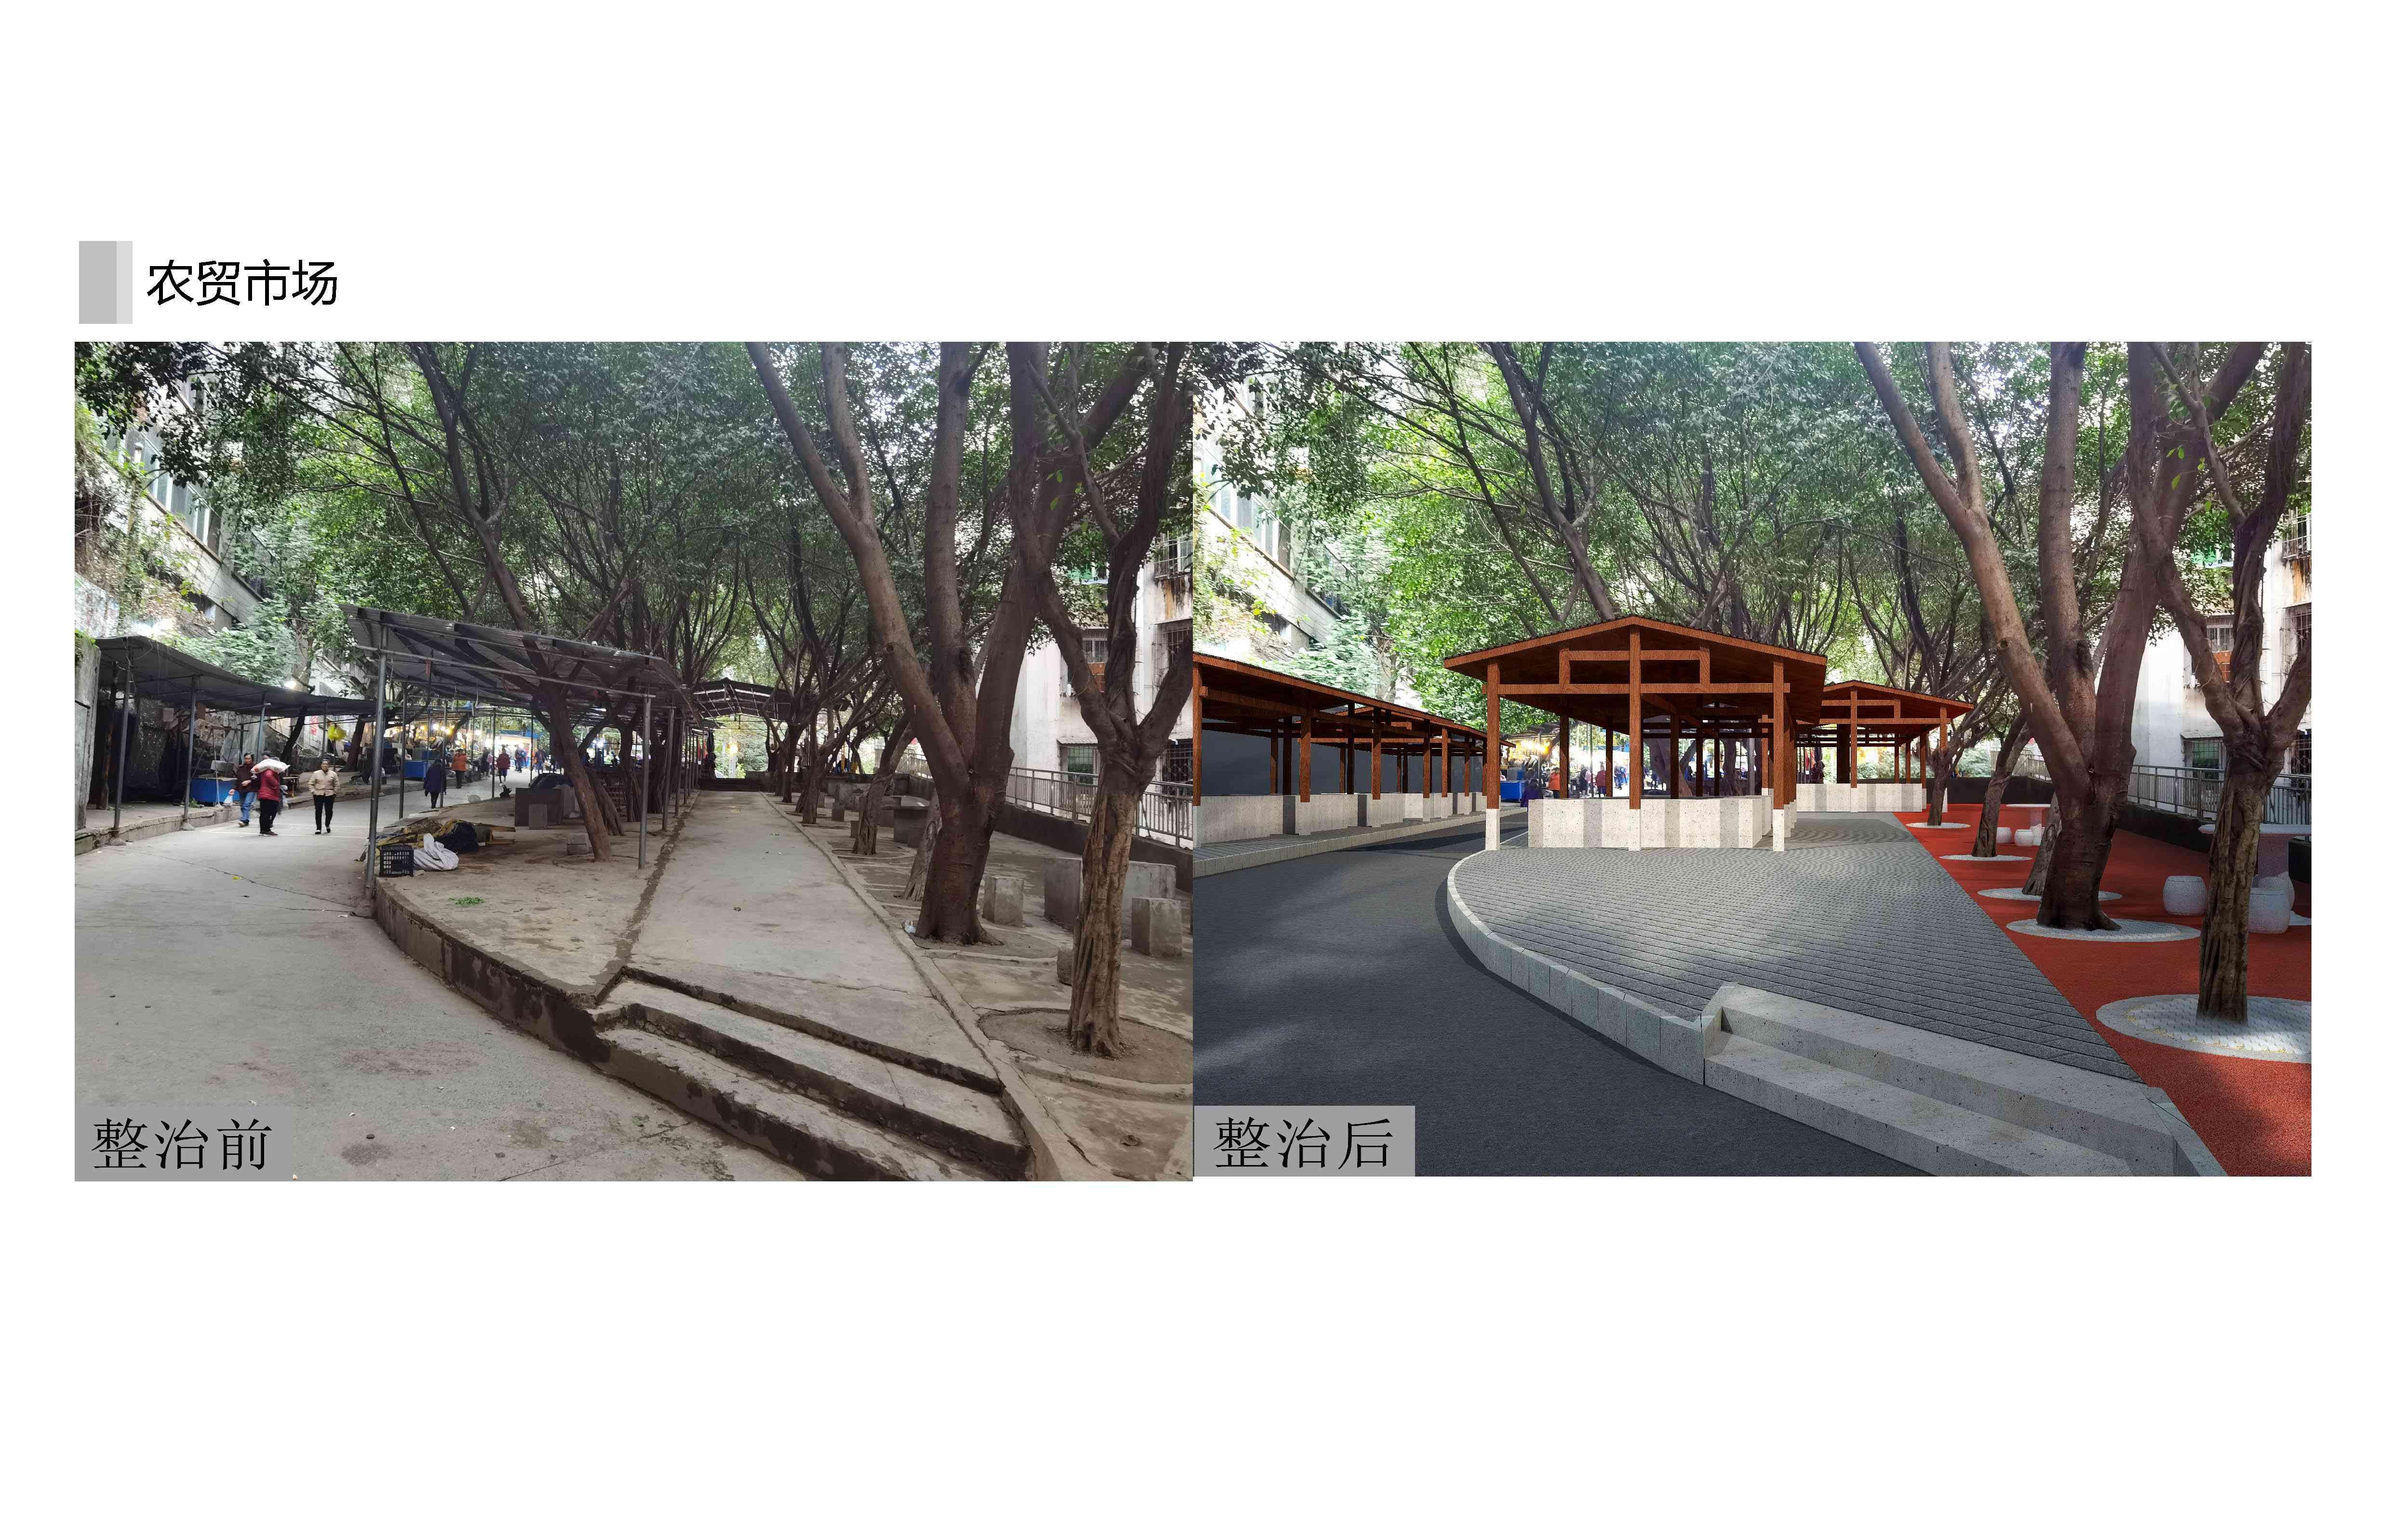 興華花園項目配套基礎設施改造工程可研報告